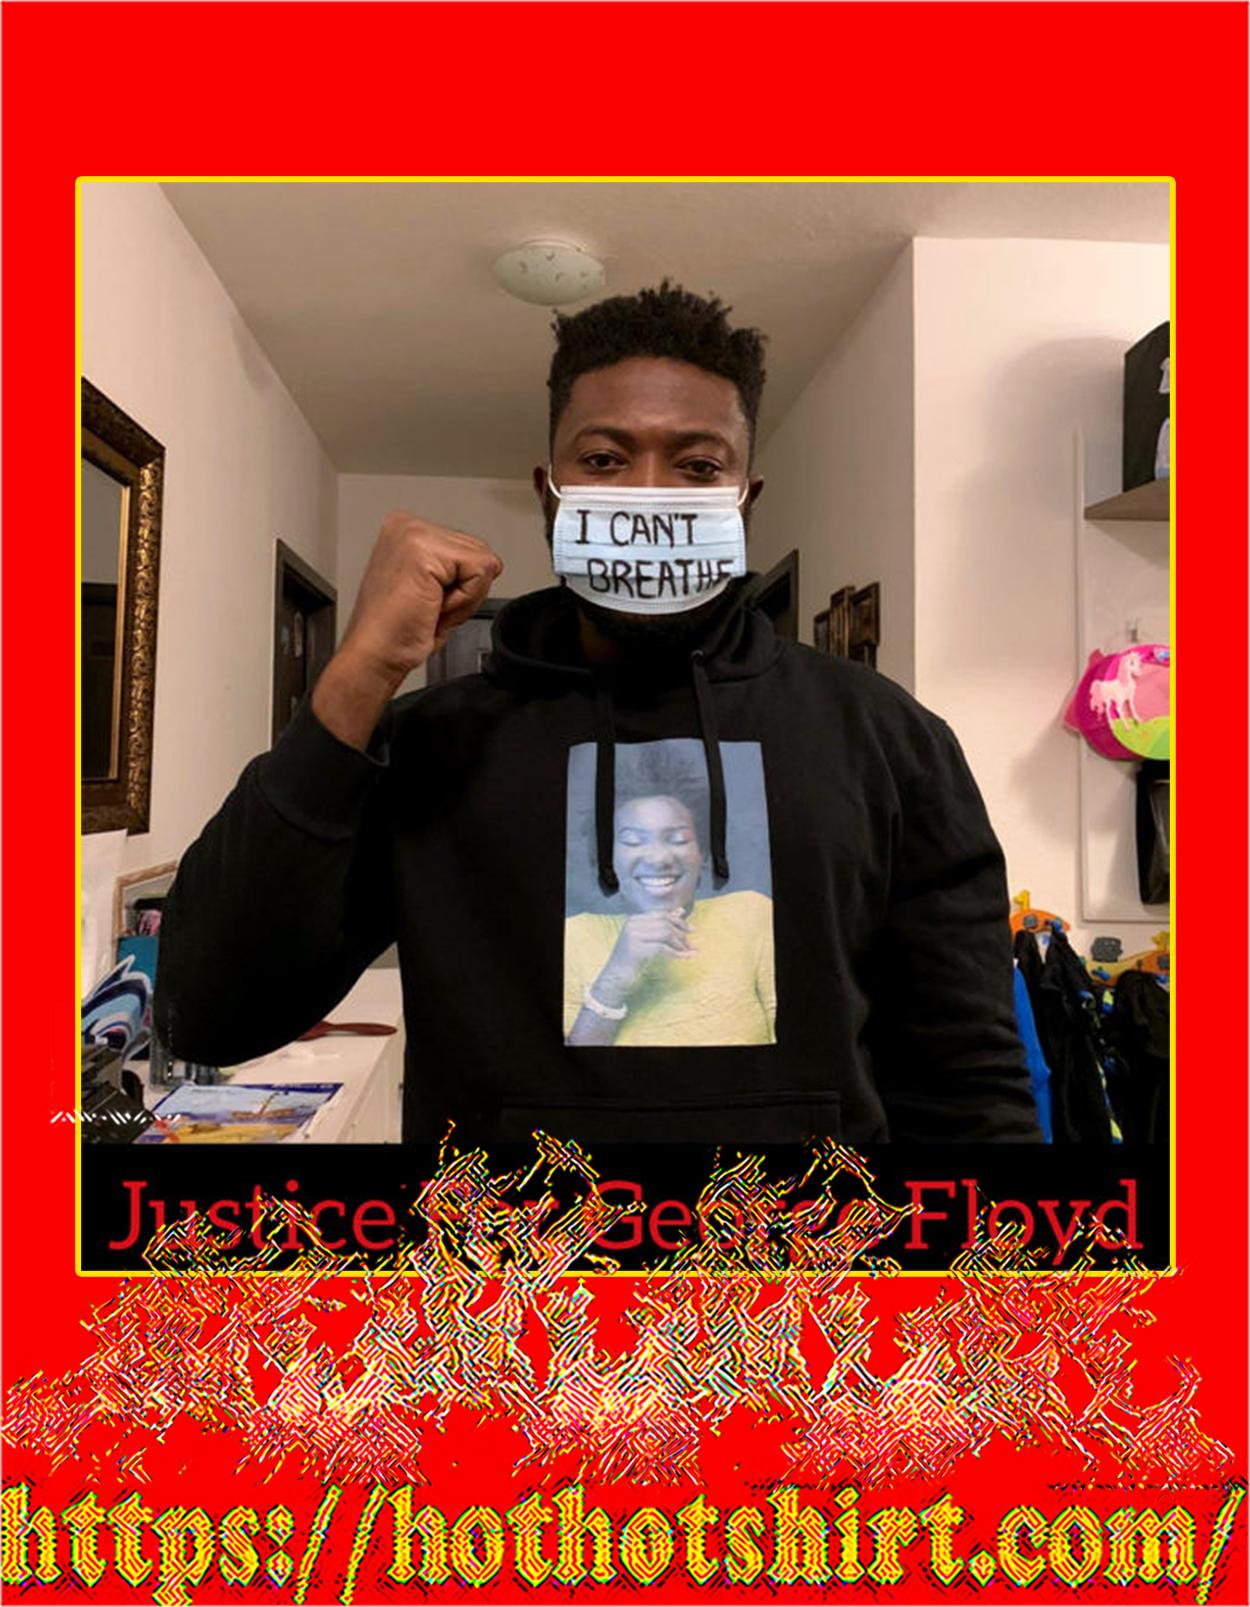 Black lives matter george floyd face mask - Detail